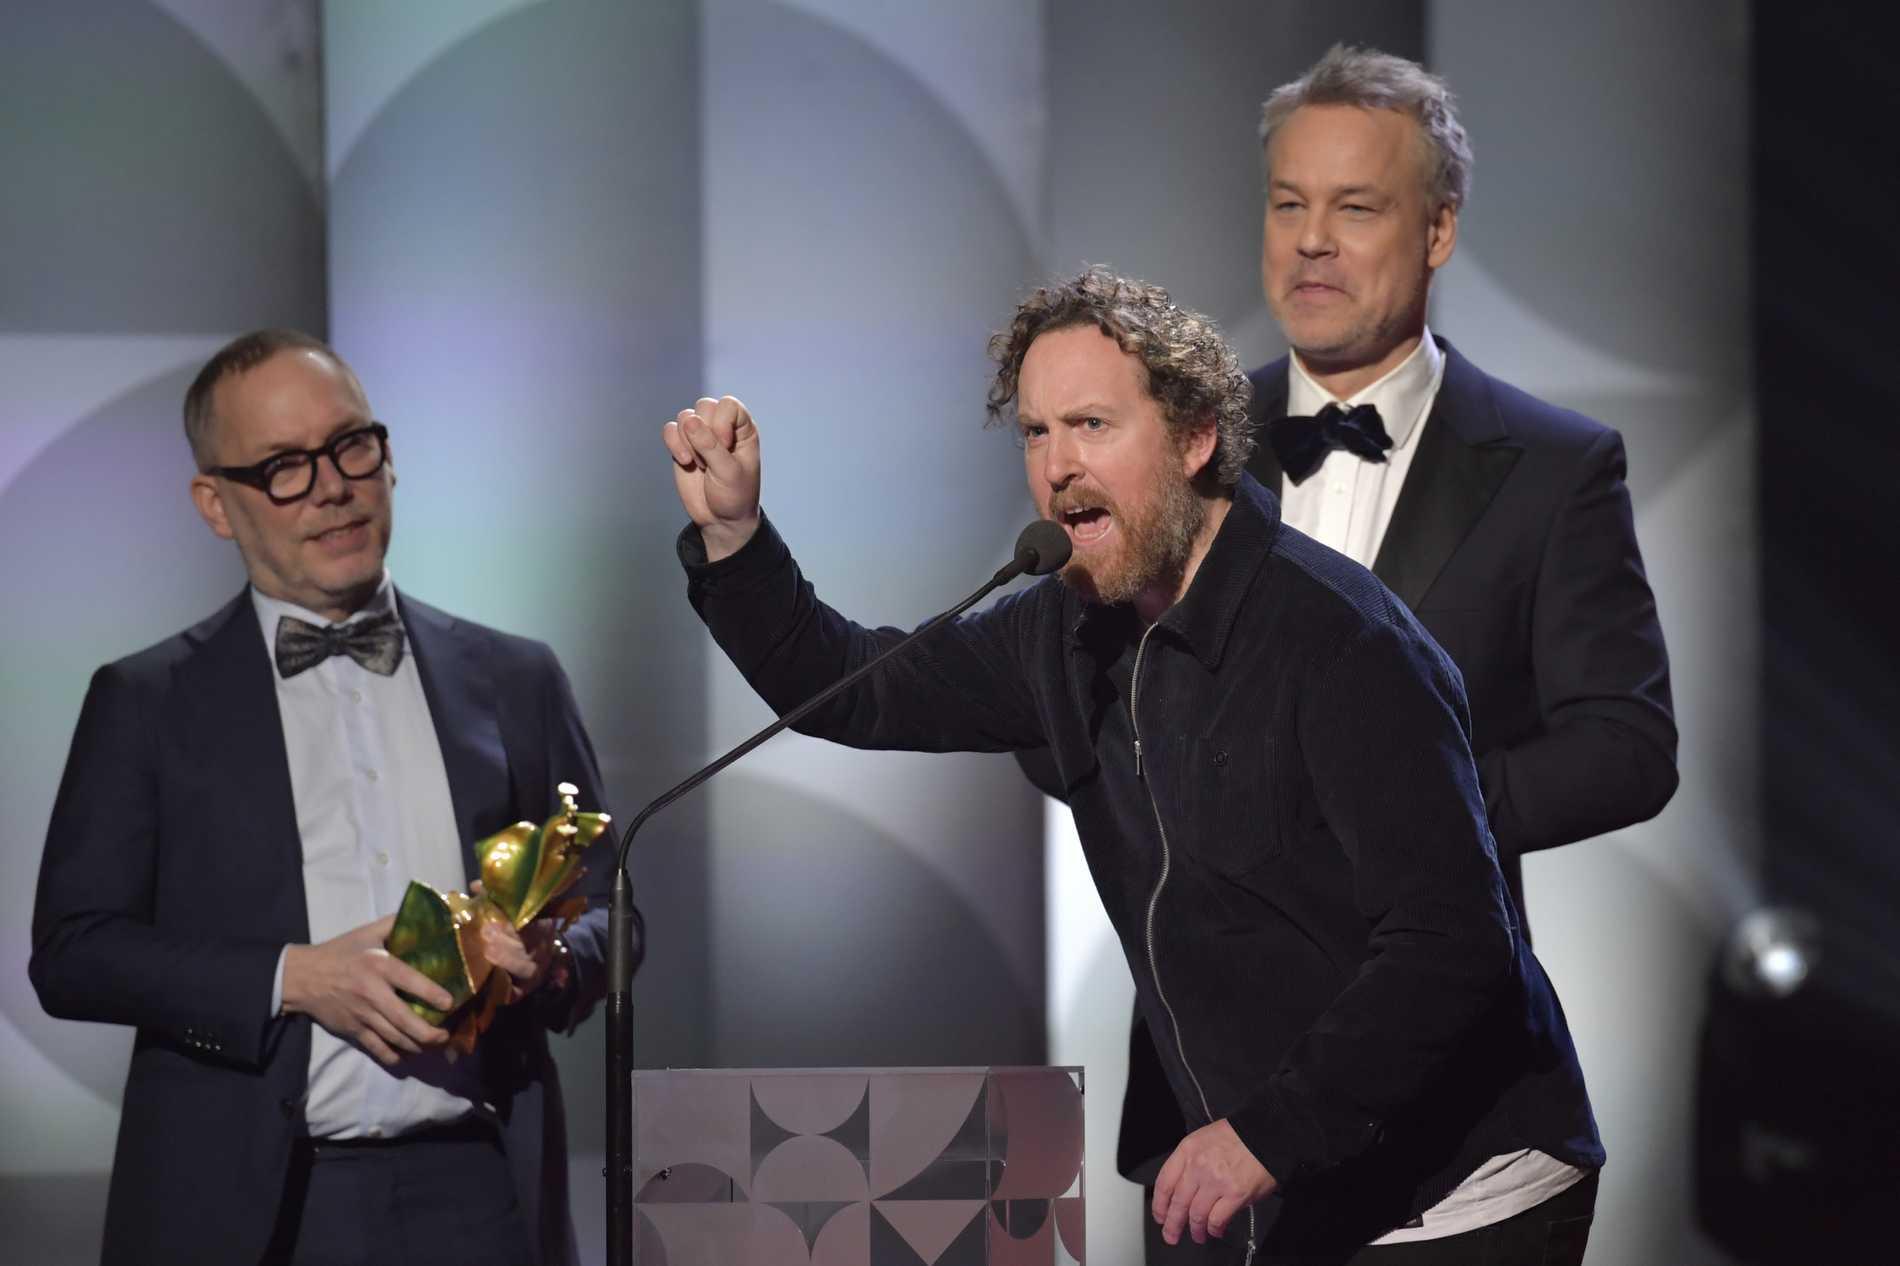 """Tomas Michaelsson, Uje Brandelius och Henrik Schyffert vinner bästa film för """"Spring Uje spring"""" under Guldbaggegalan 2021."""